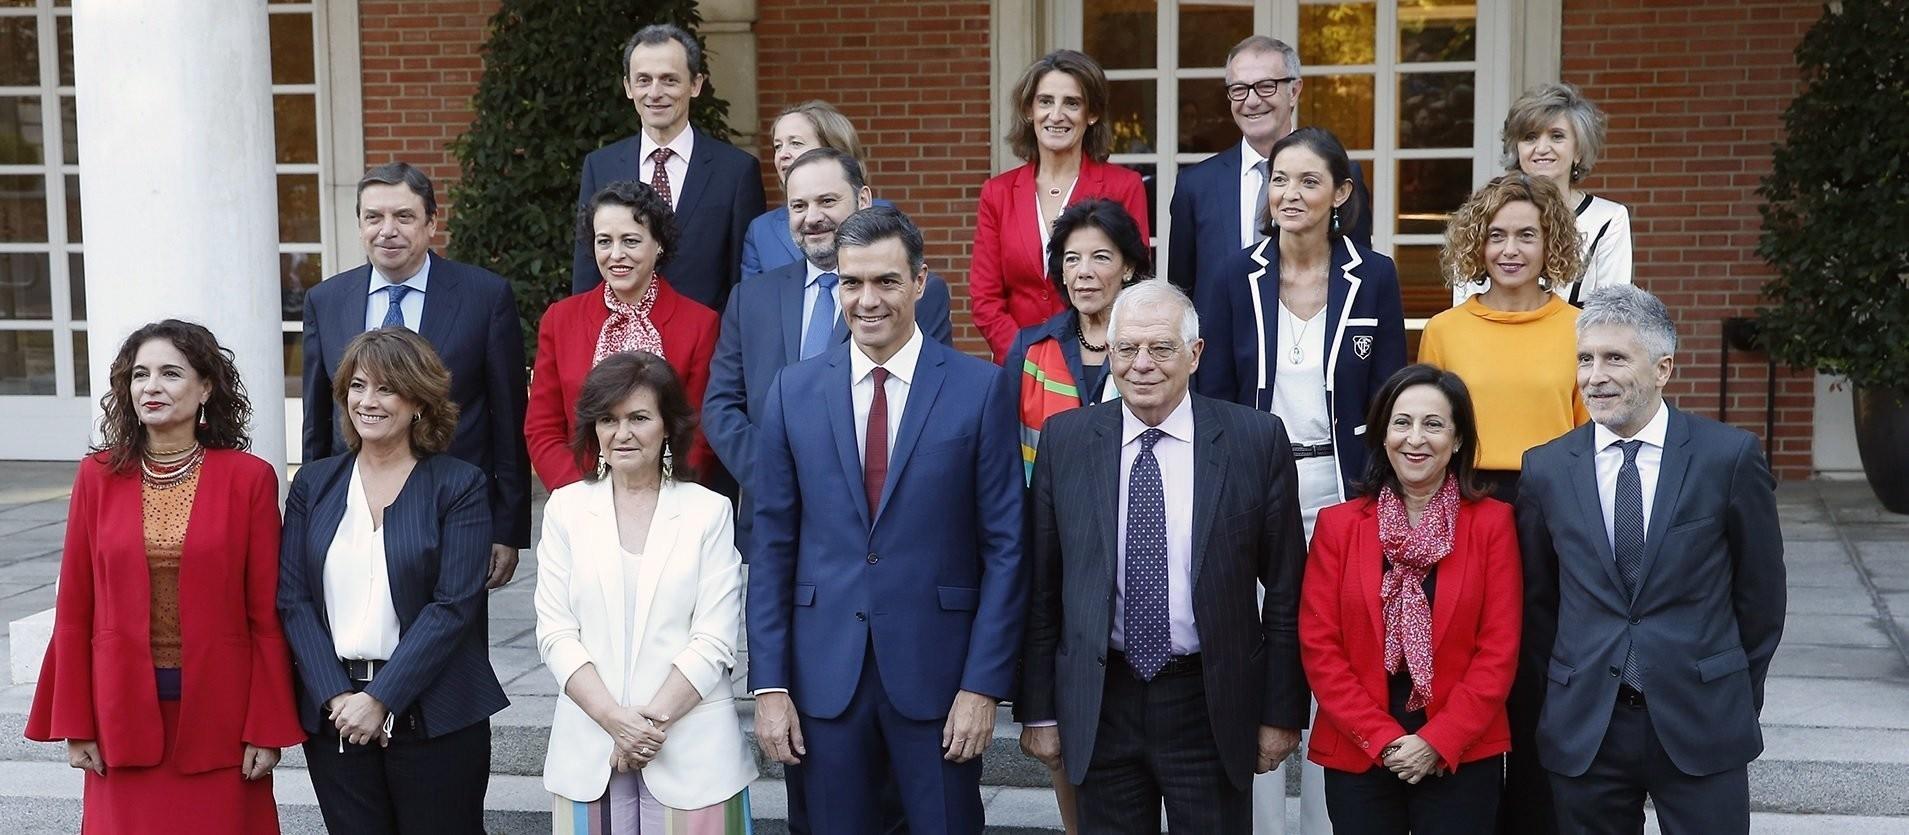 Así moviliza Moncloa a los ministros para 'tapar' las crisis del Gobierno